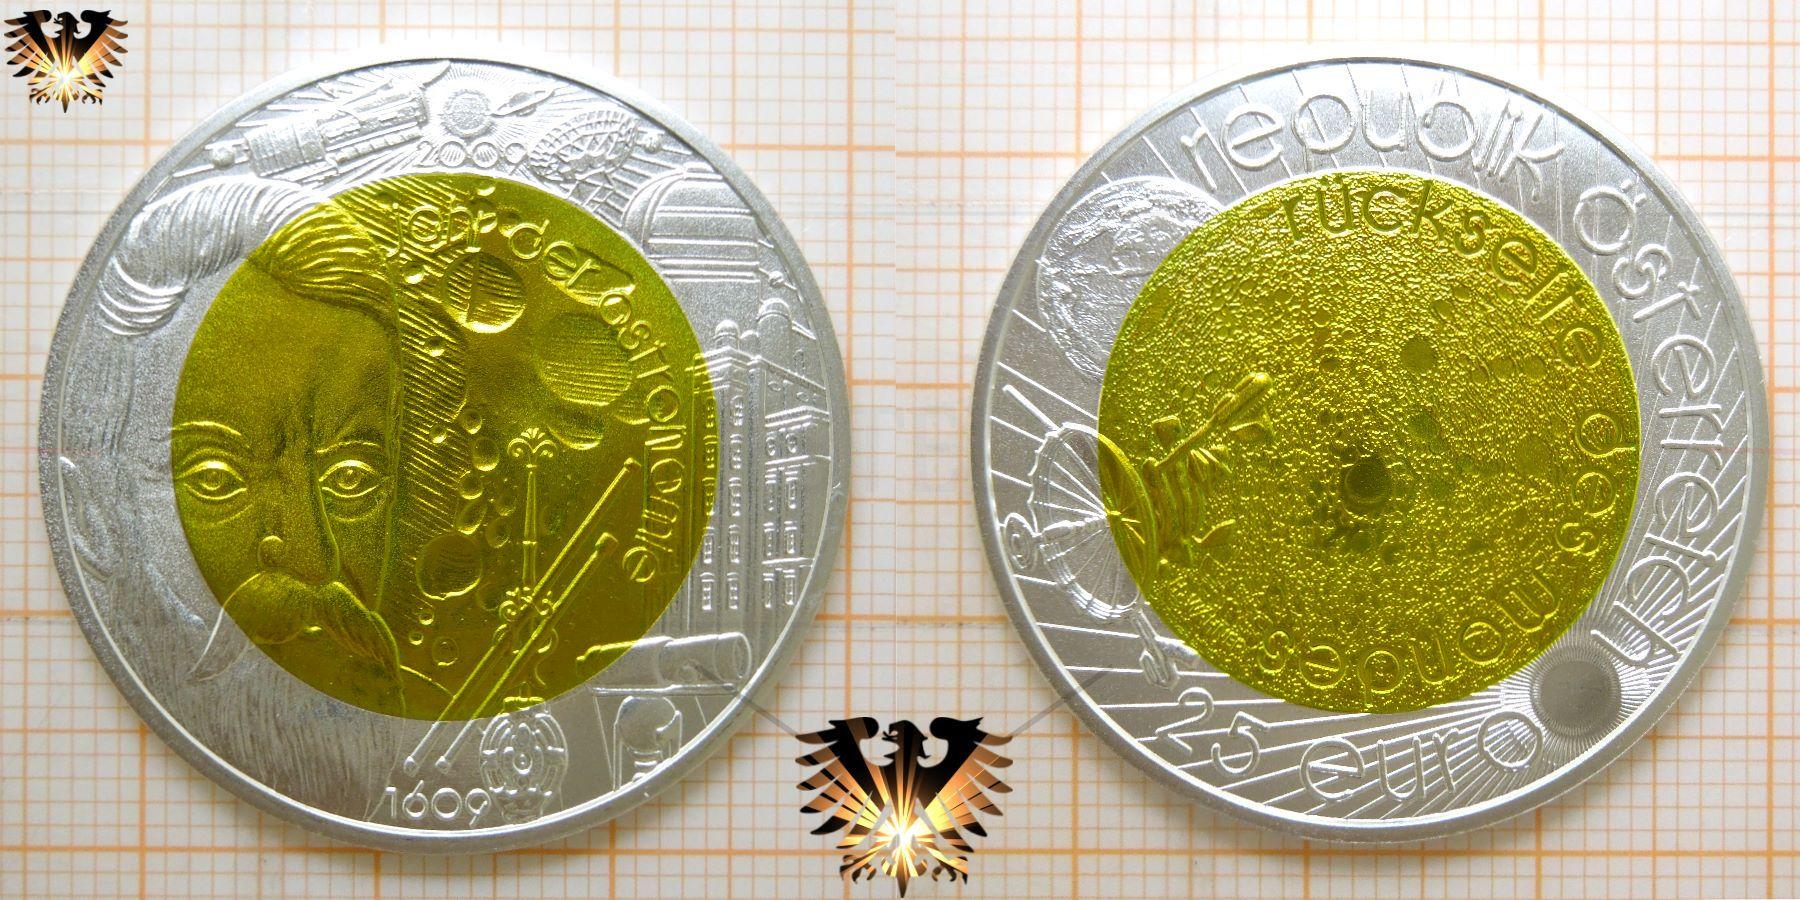 österreichische Silbermünzen Details Zu Silbermünze österreich 5